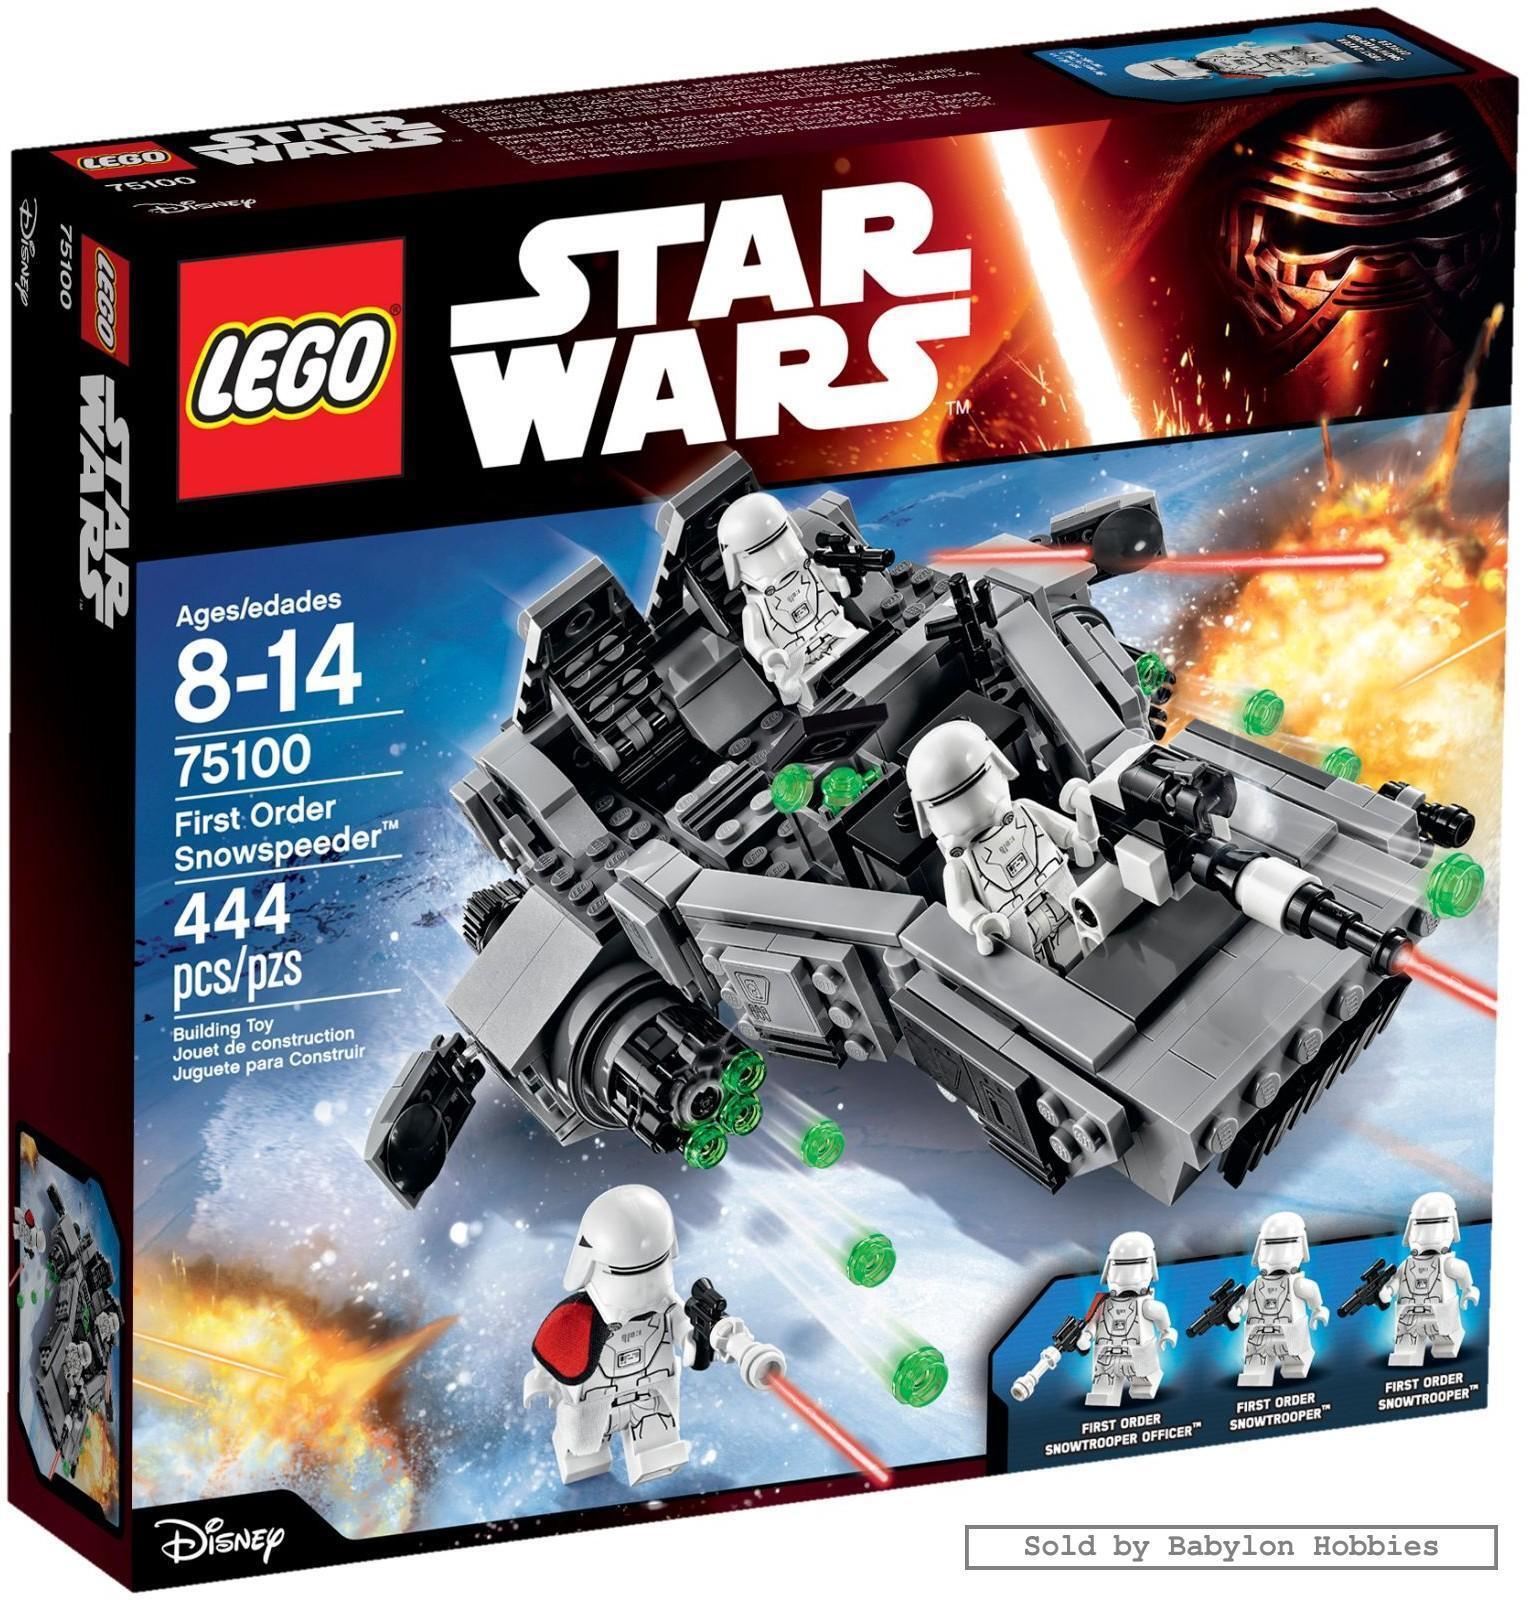 Lego Star Wars - First Order Snowspeeder (door Lego) 75100